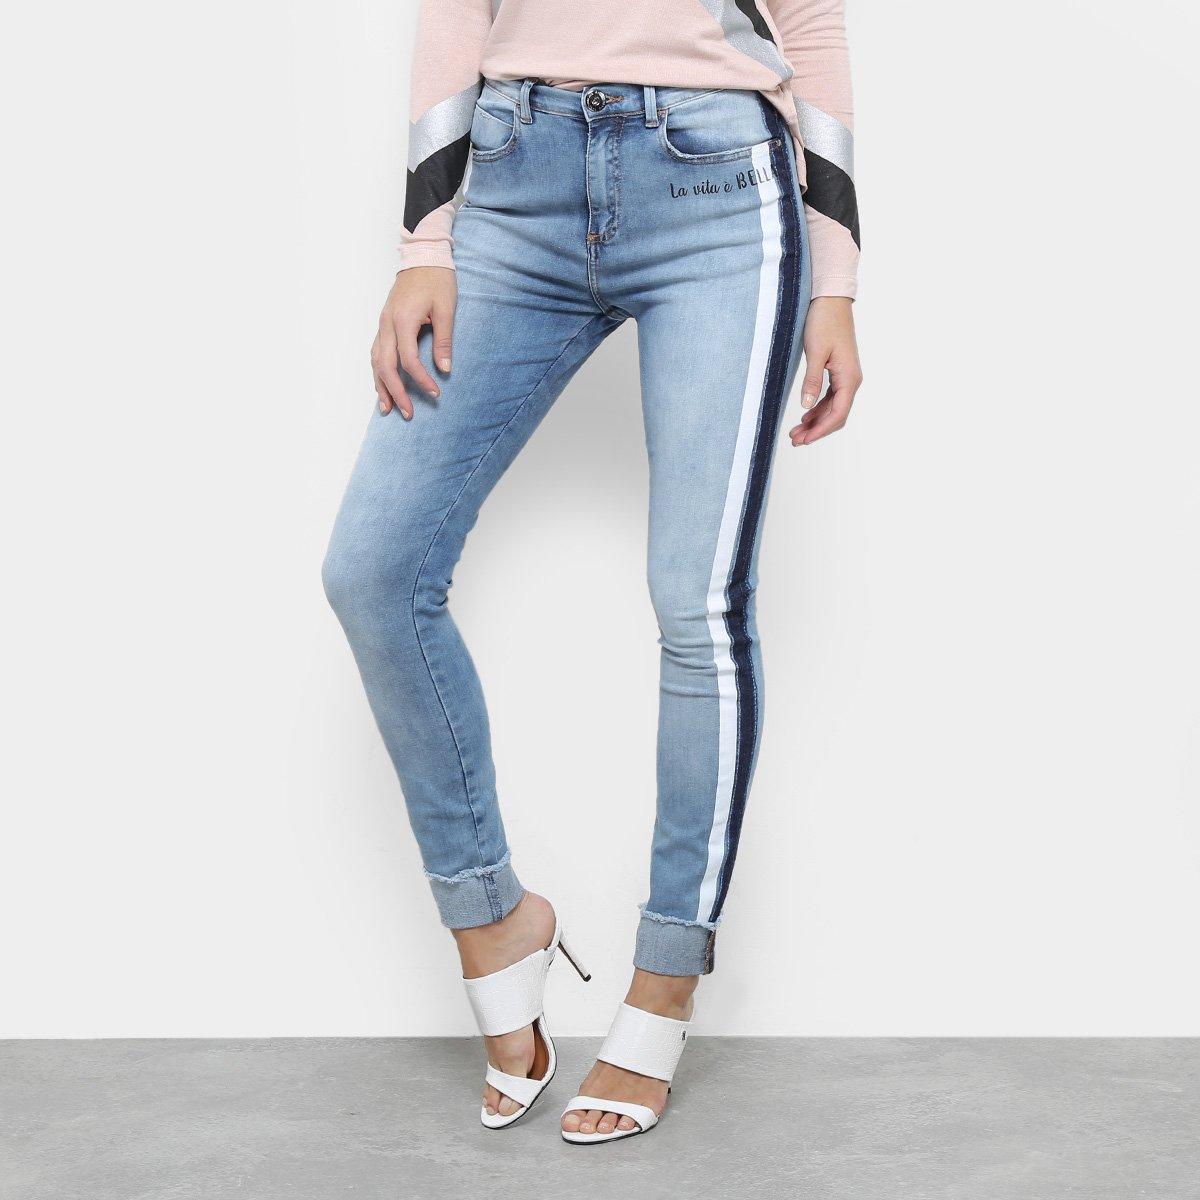 bd01c43ef Calça Jeans Skinny Acostamento Estonada Cintura Média Feminina